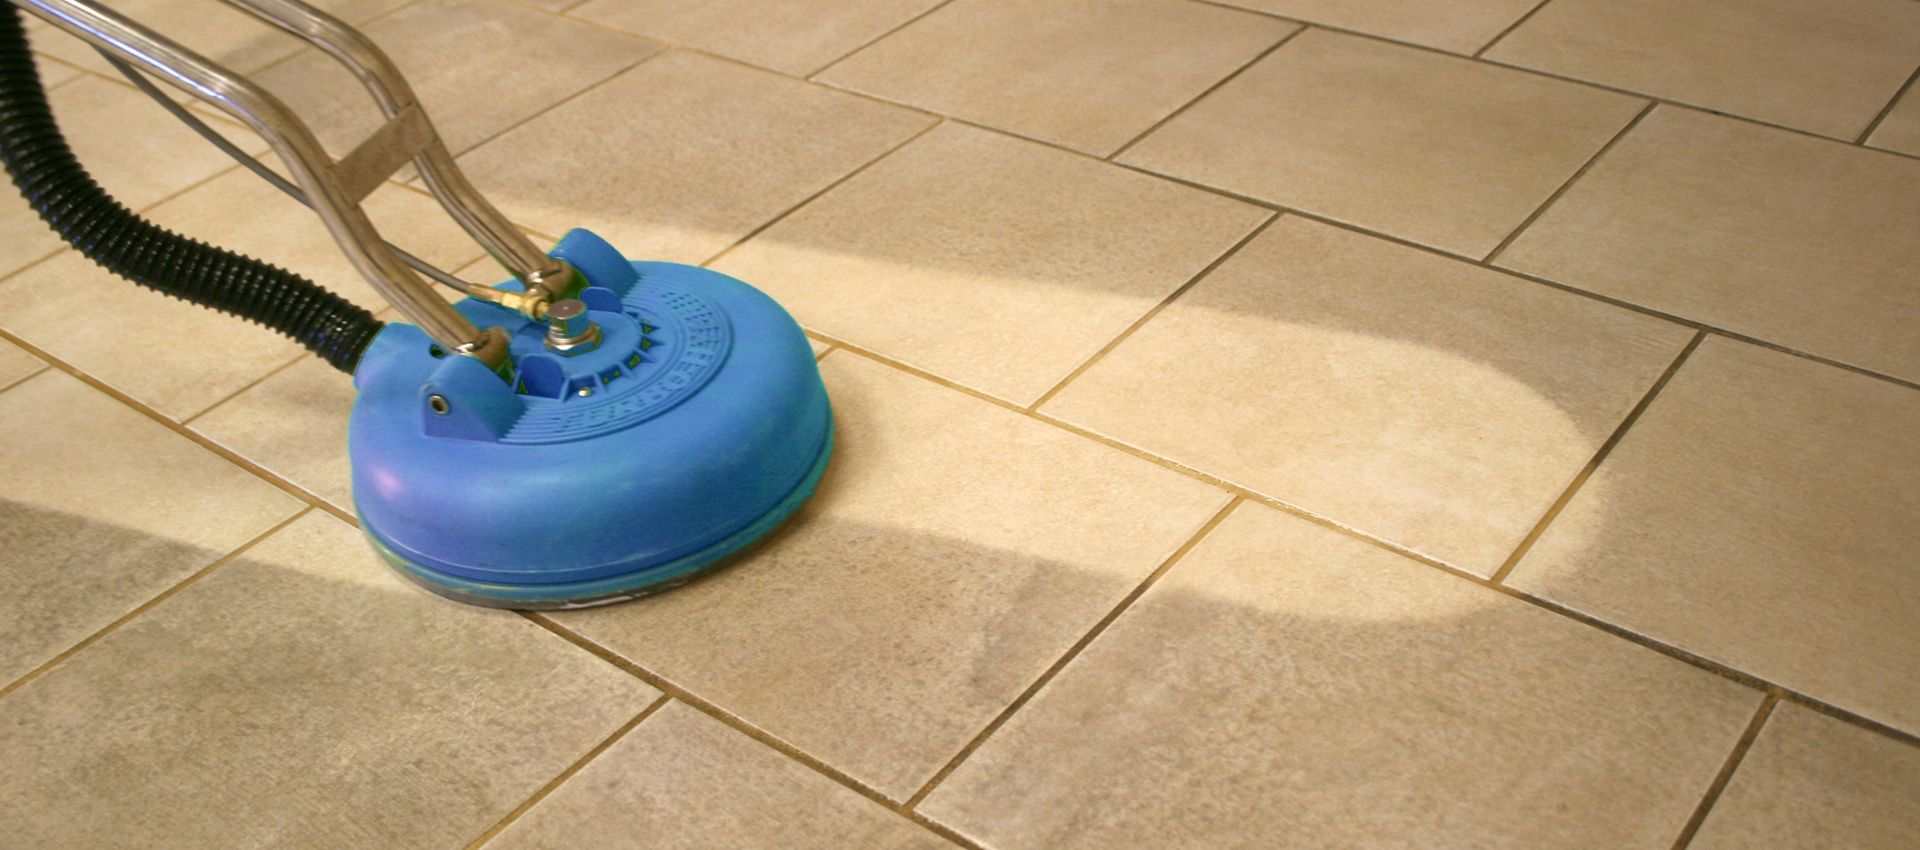 buy rent tile floor scrubber machines